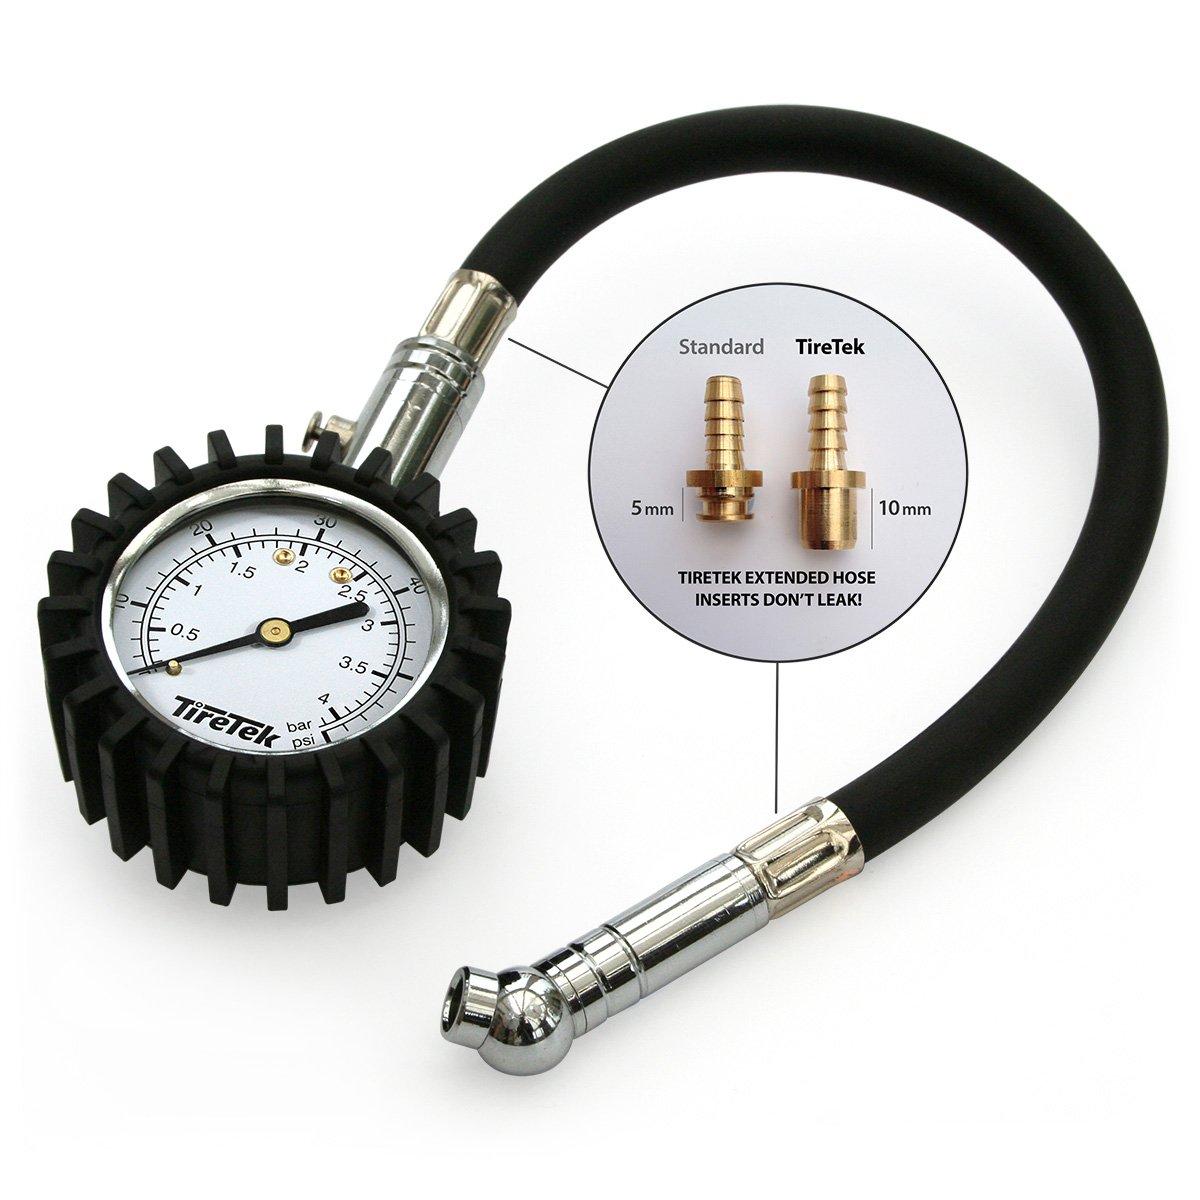 TireTek Flexi-Pro 4/bar Man/ómetro para neum/áticos de coche y motocicleta